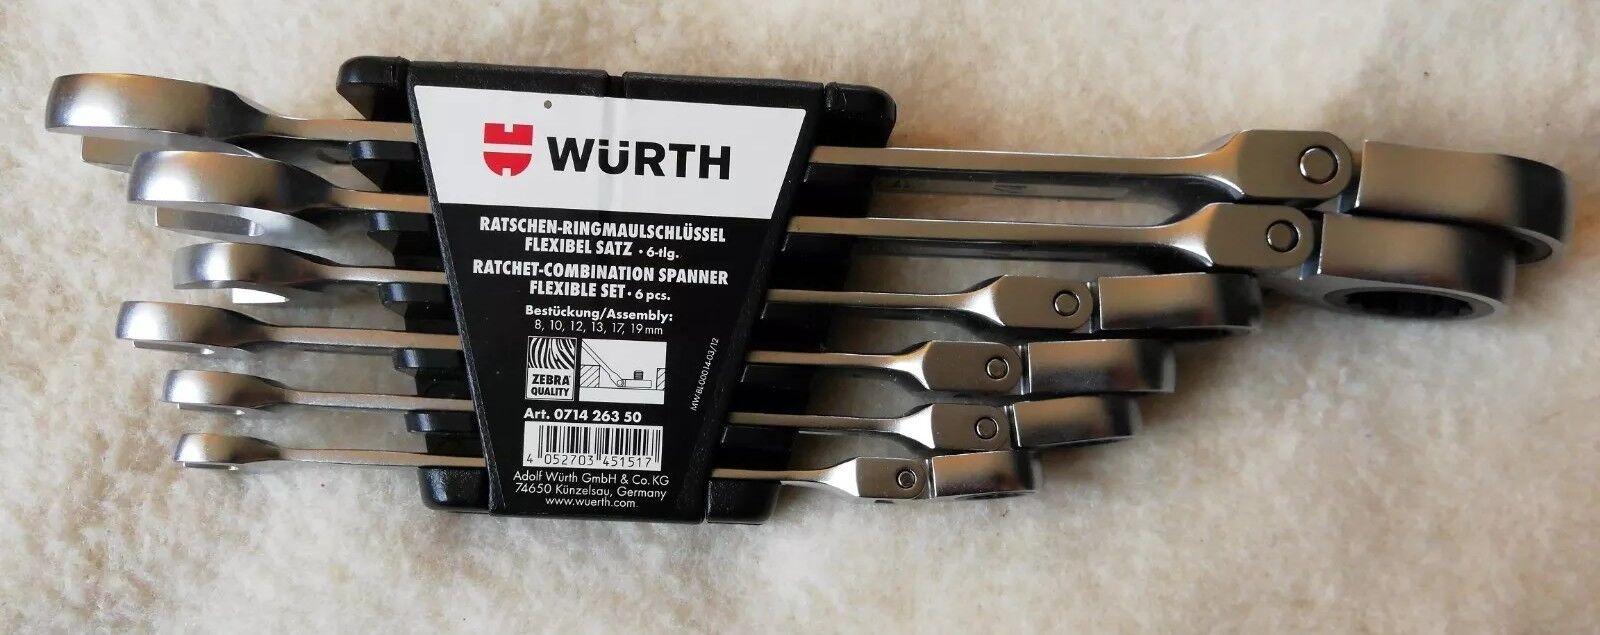 WÜRTH ZEBRA RATSCHEN RINGMAULSCHLÜSSEL Set 6tlg. FLEXIBEL SW 8,10,12,13,17,19mm